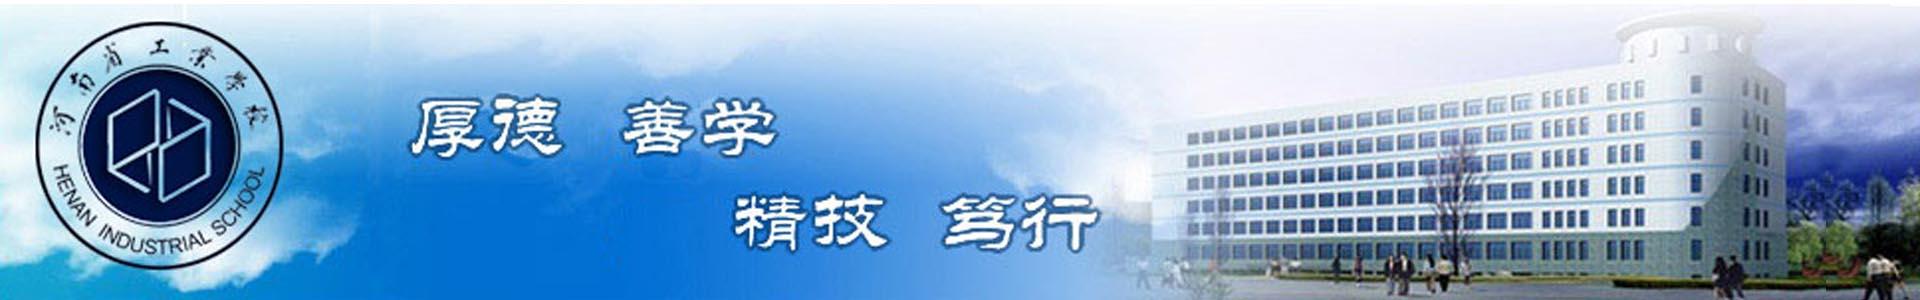 河南省工業學校中專